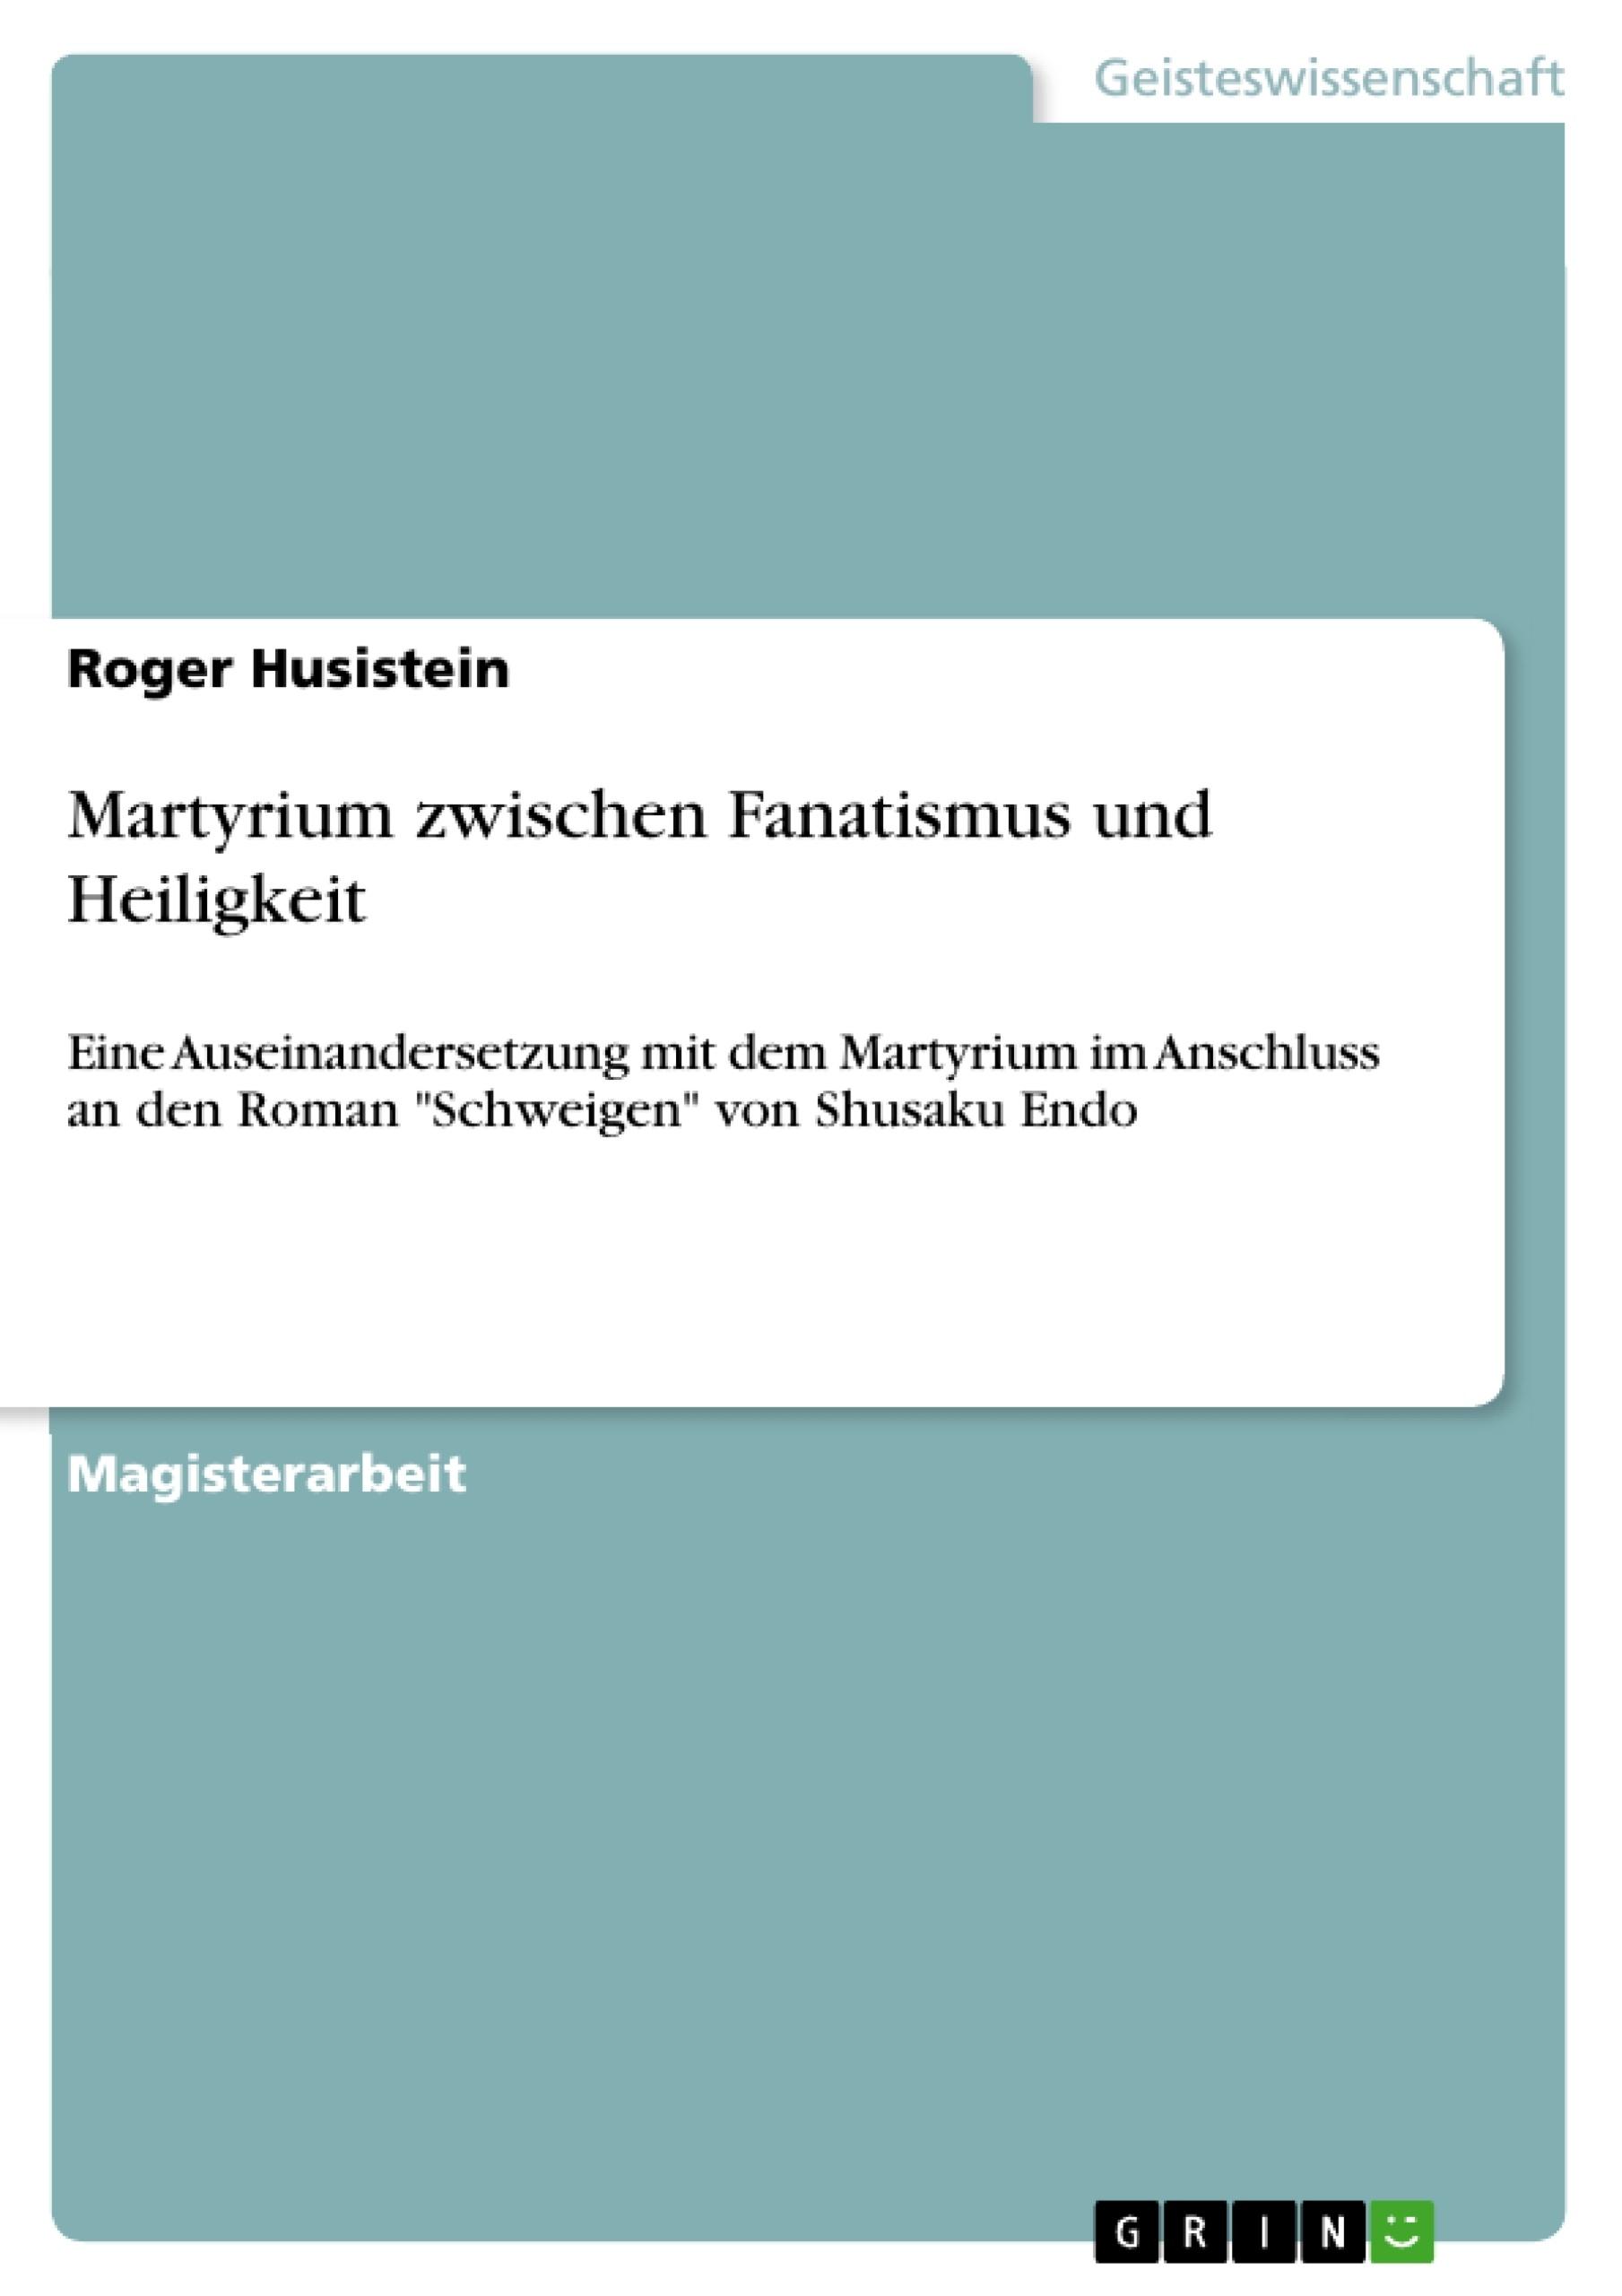 Titel: Martyrium zwischen Fanatismus und Heiligkeit